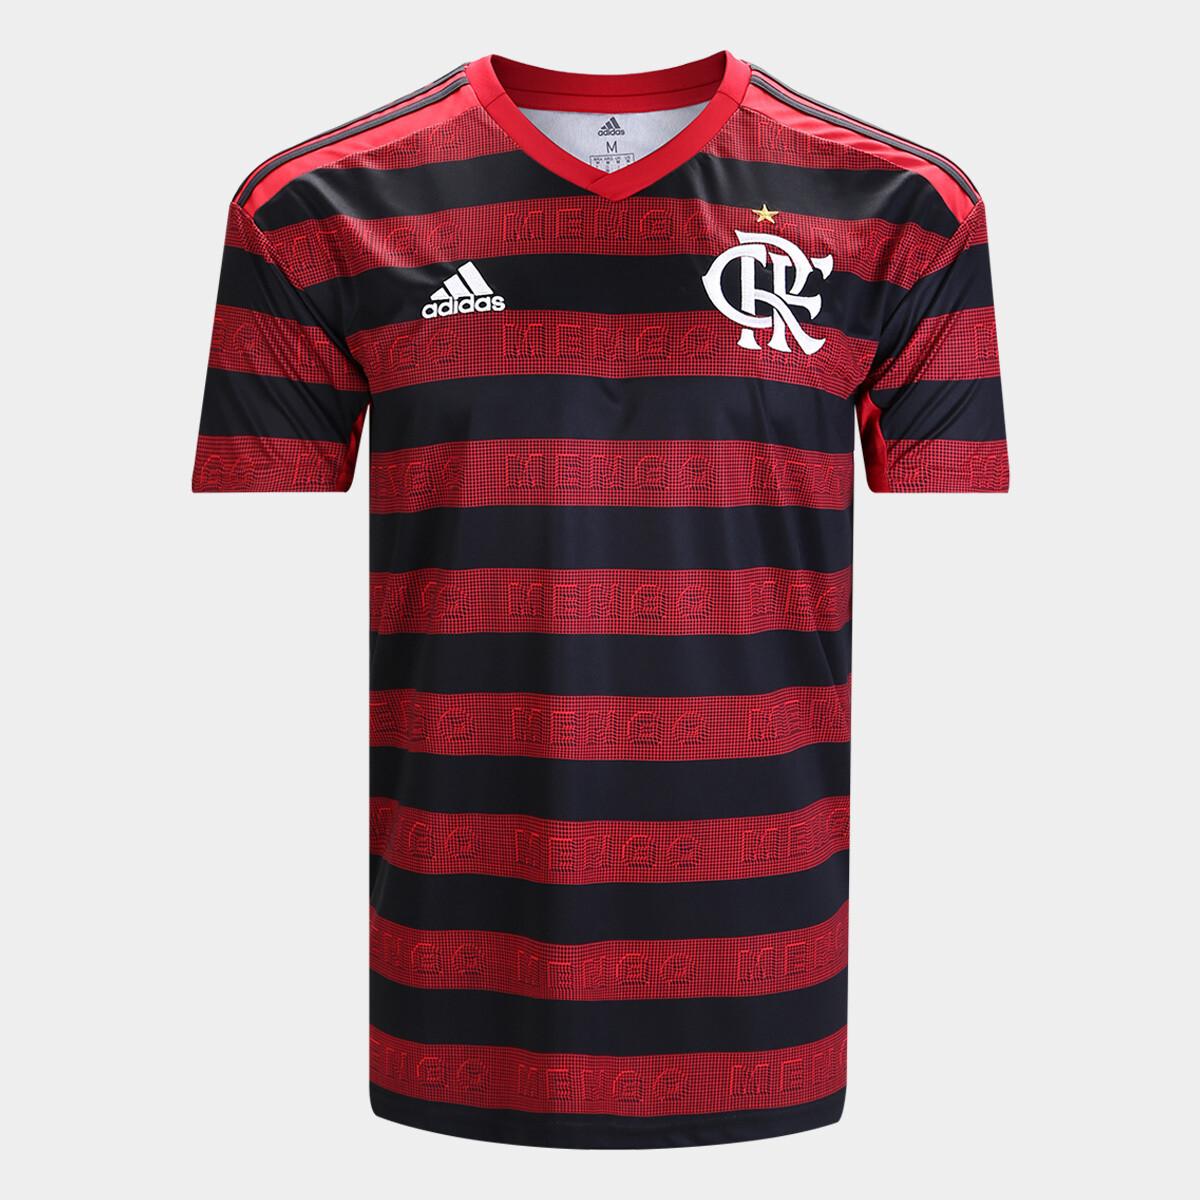 Camisa do Flamengo Adidas 2019 Home